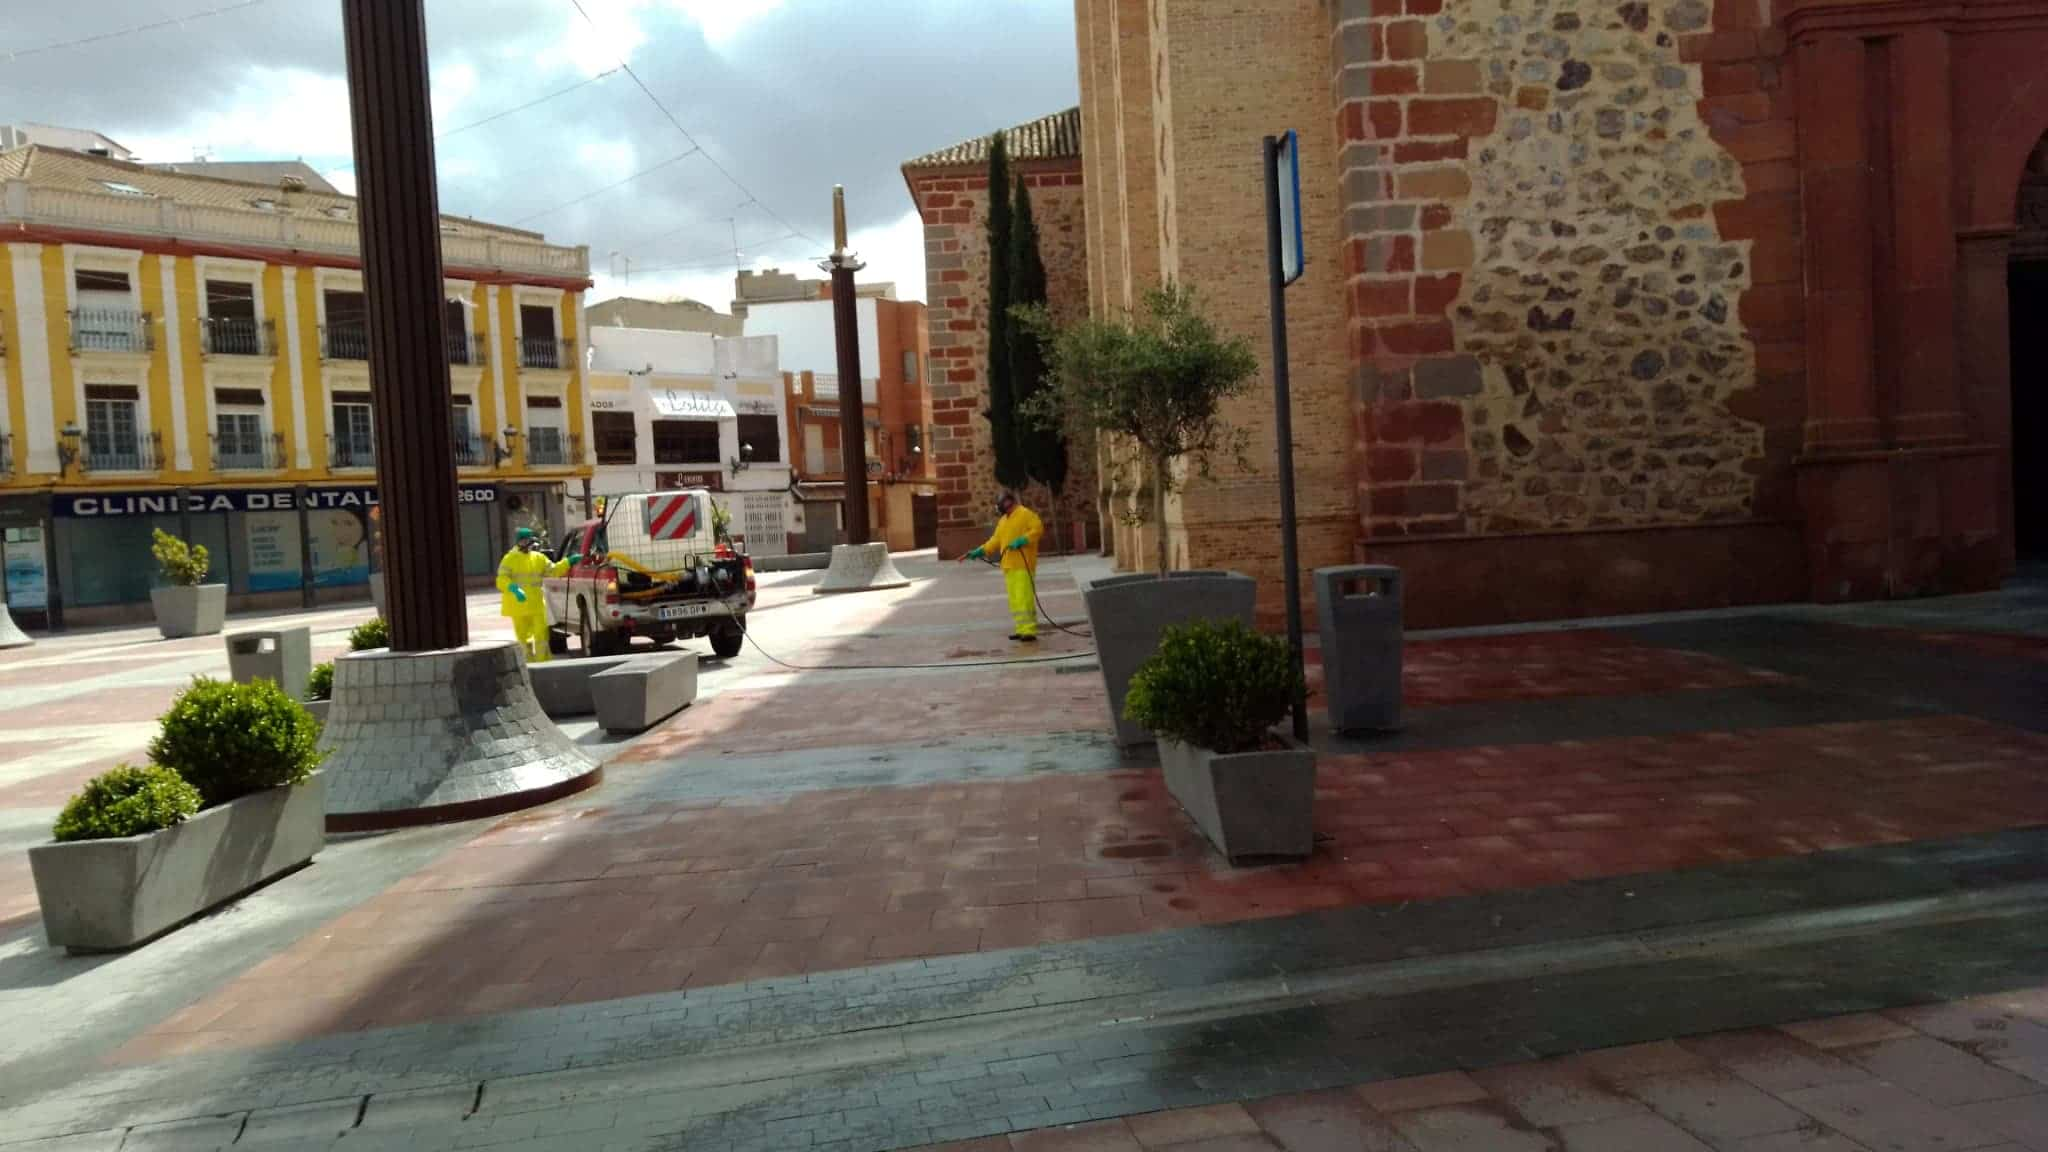 Continuan las labores de desinfección en la Plaza de España, Convento y Cervantes 12